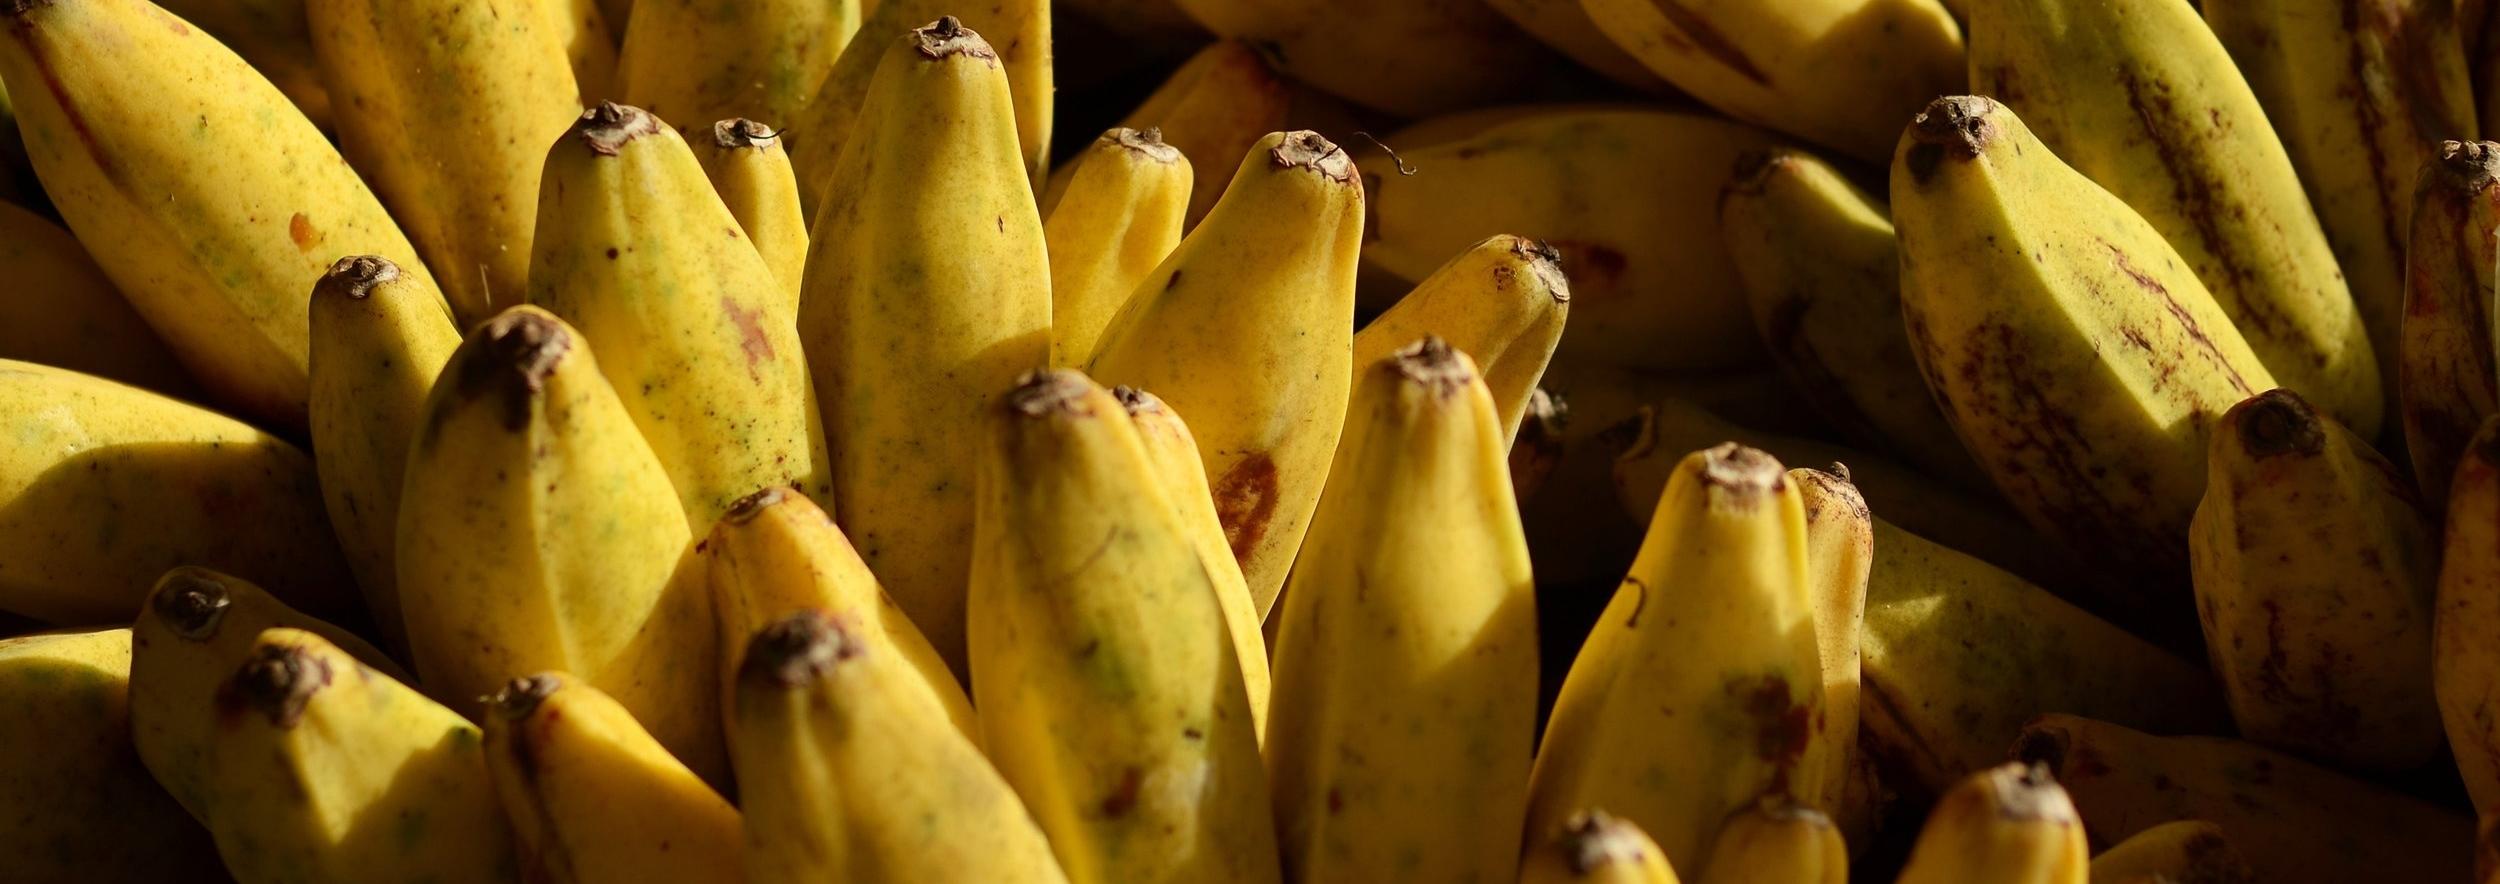 Bananas Toronto